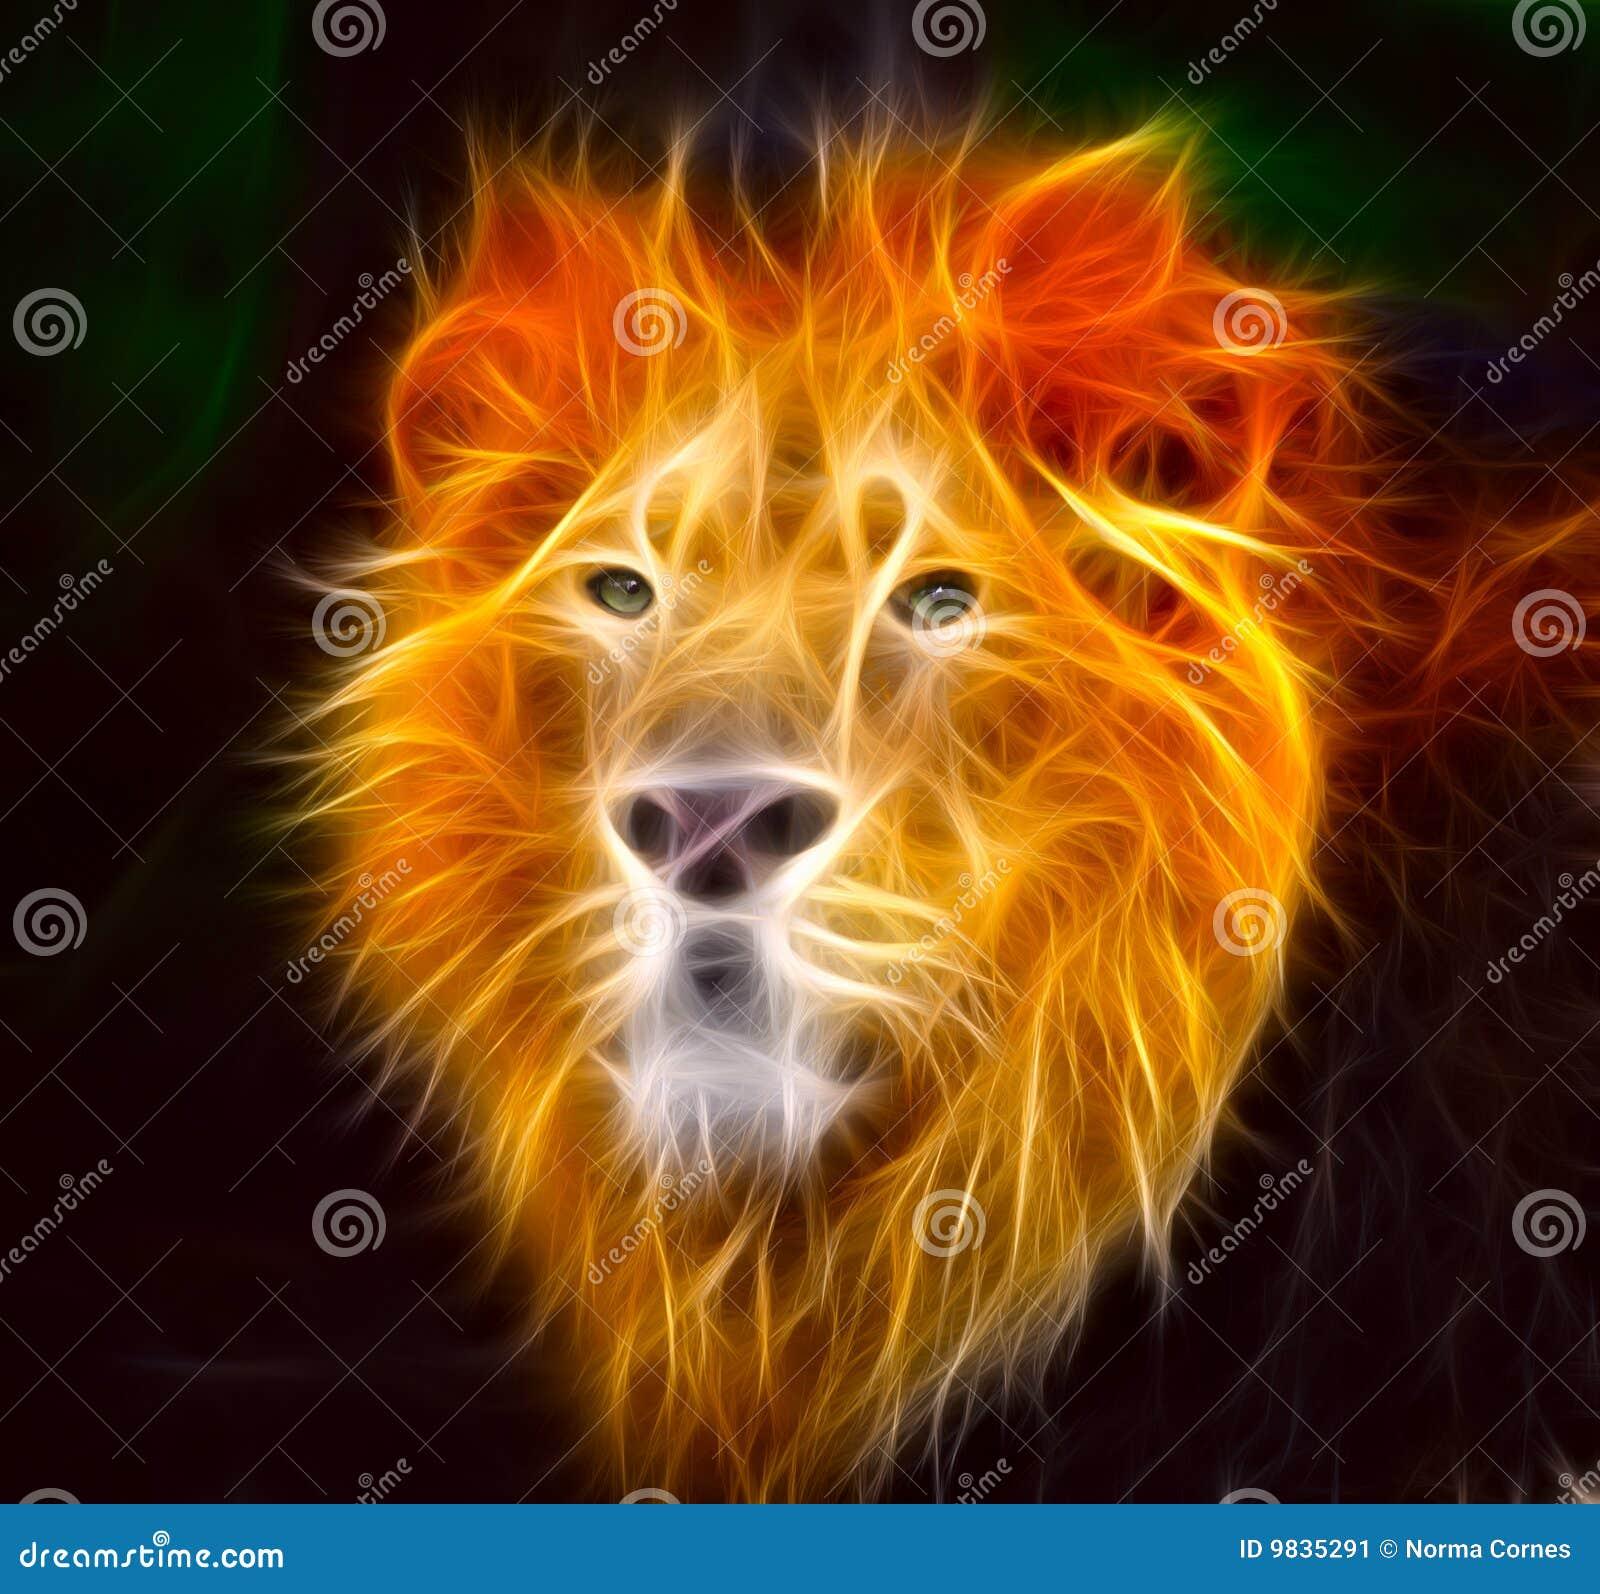 发火焰狮子